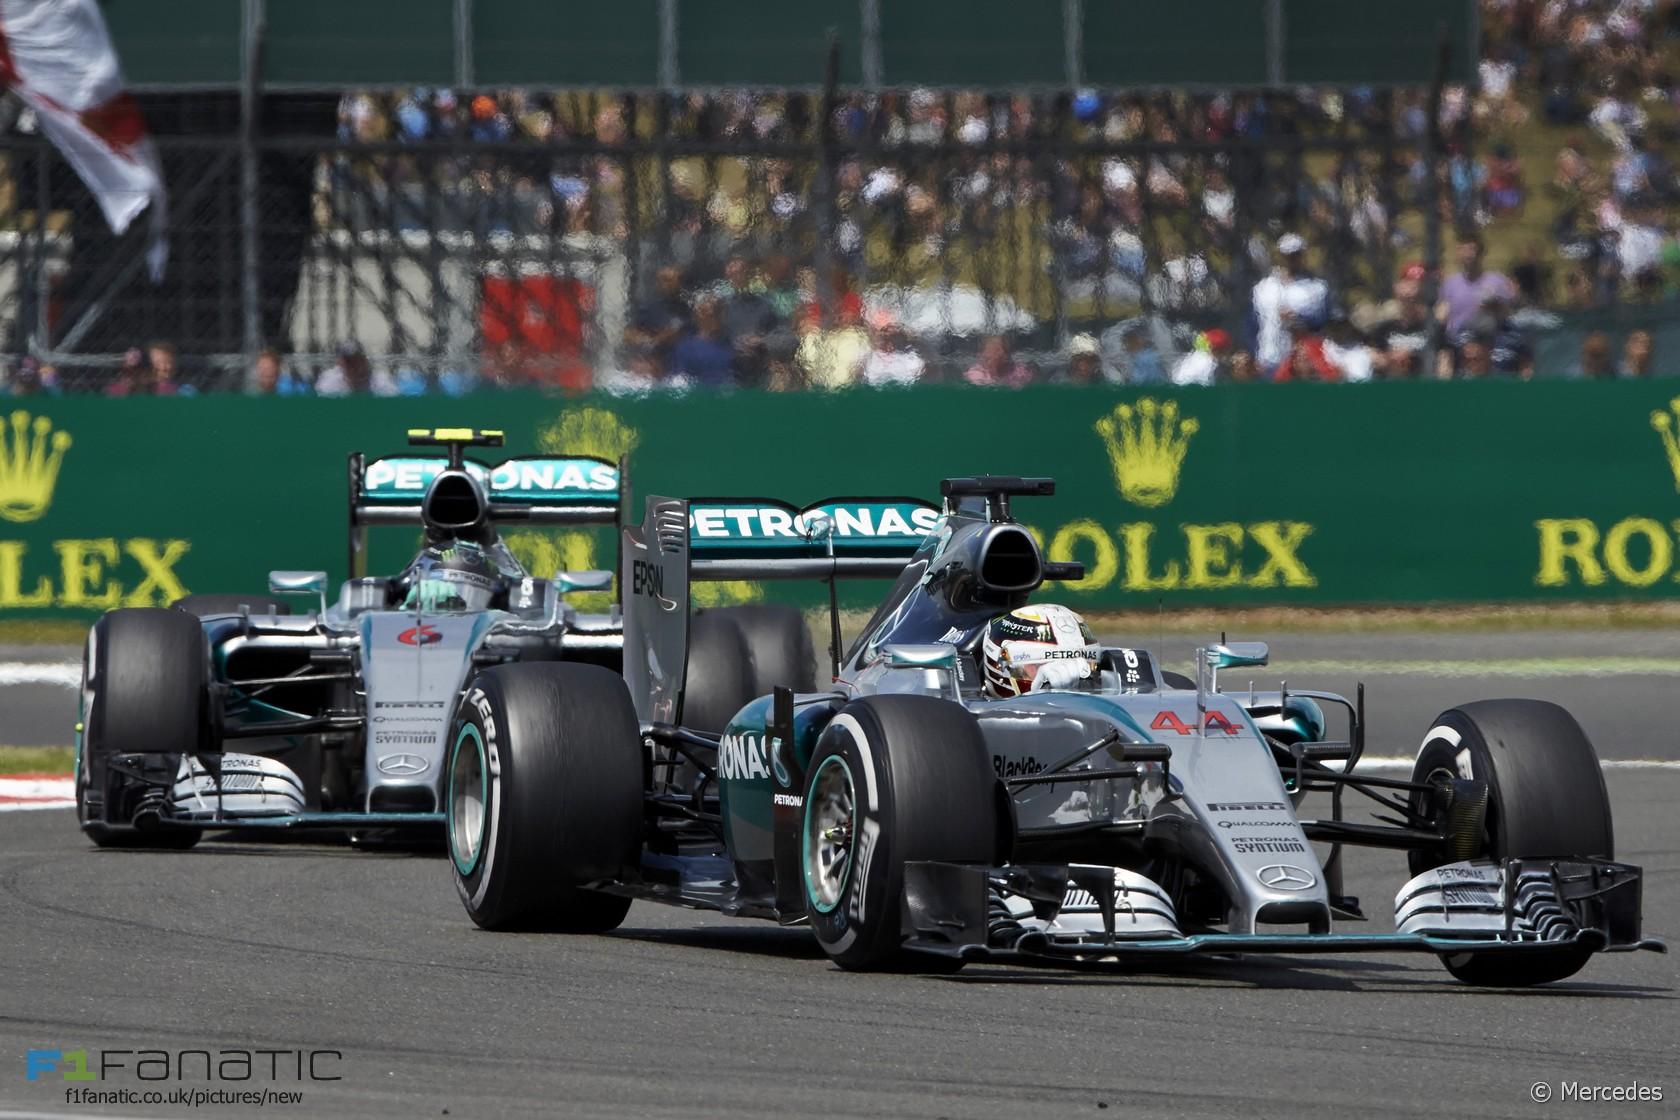 Lewis Hamilton, Nico Rosberg, Mercedes, Silverstone, 2015